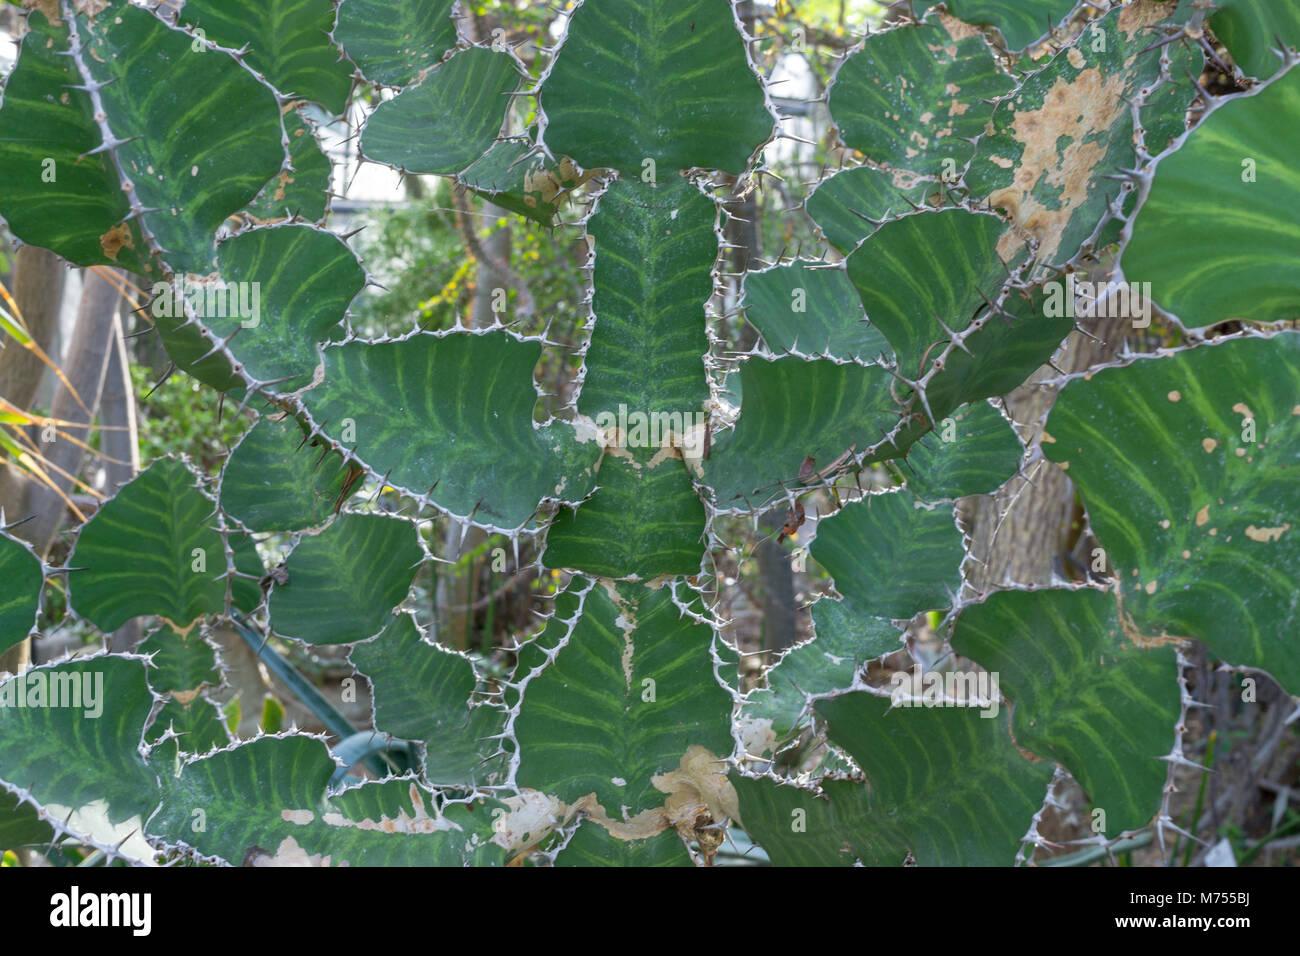 Ebene cactus Tapete mit viel Flugzeug Teile Stockbild